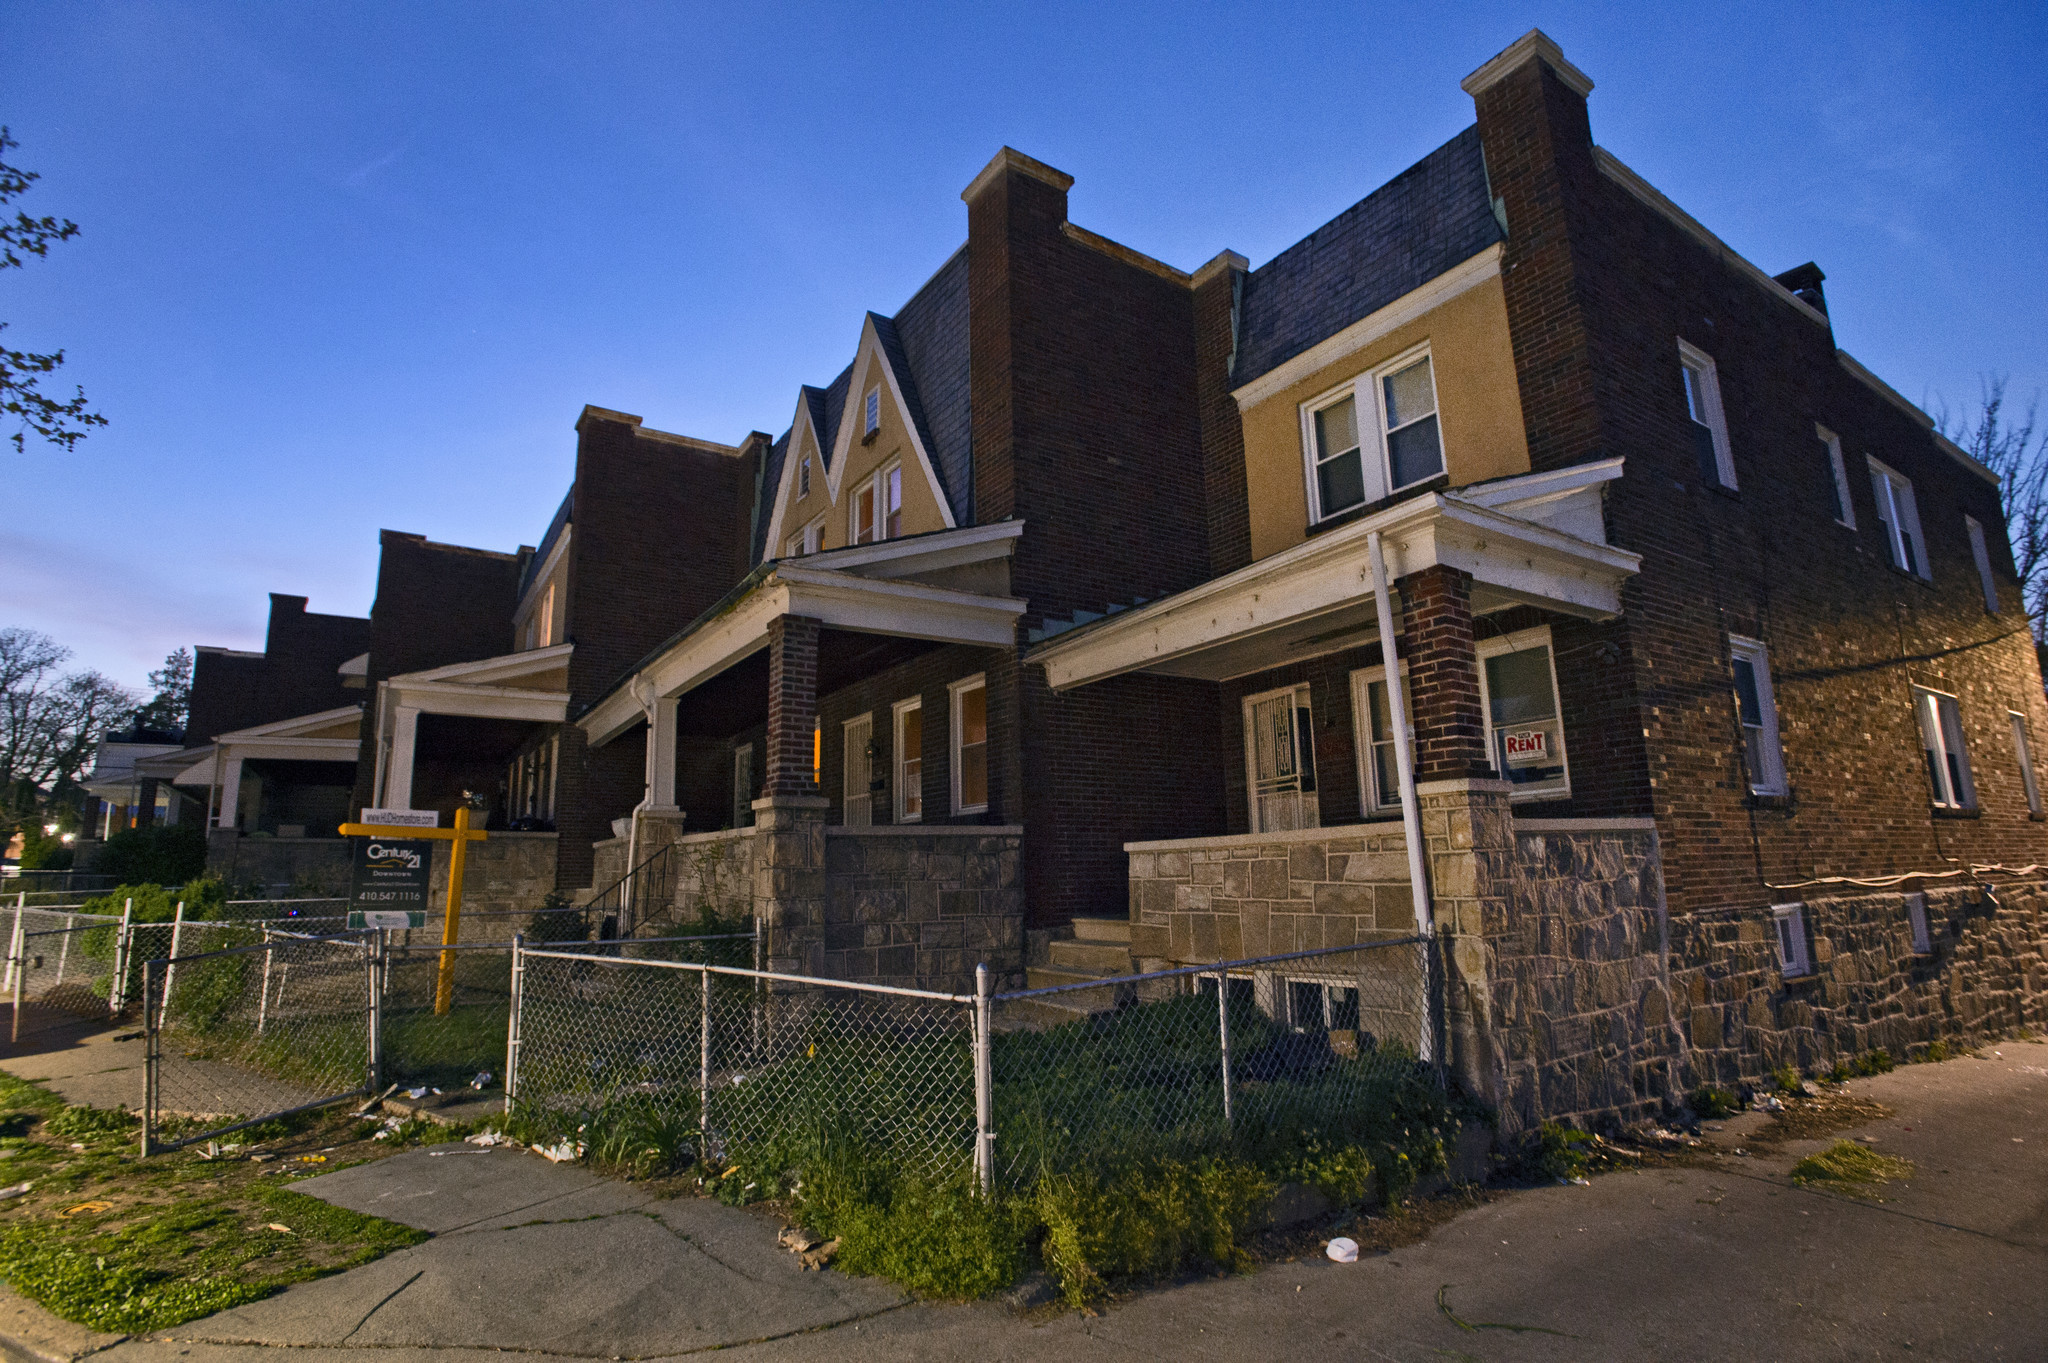 Baltimore faces an affordable housing crisis - Baltimore Sun